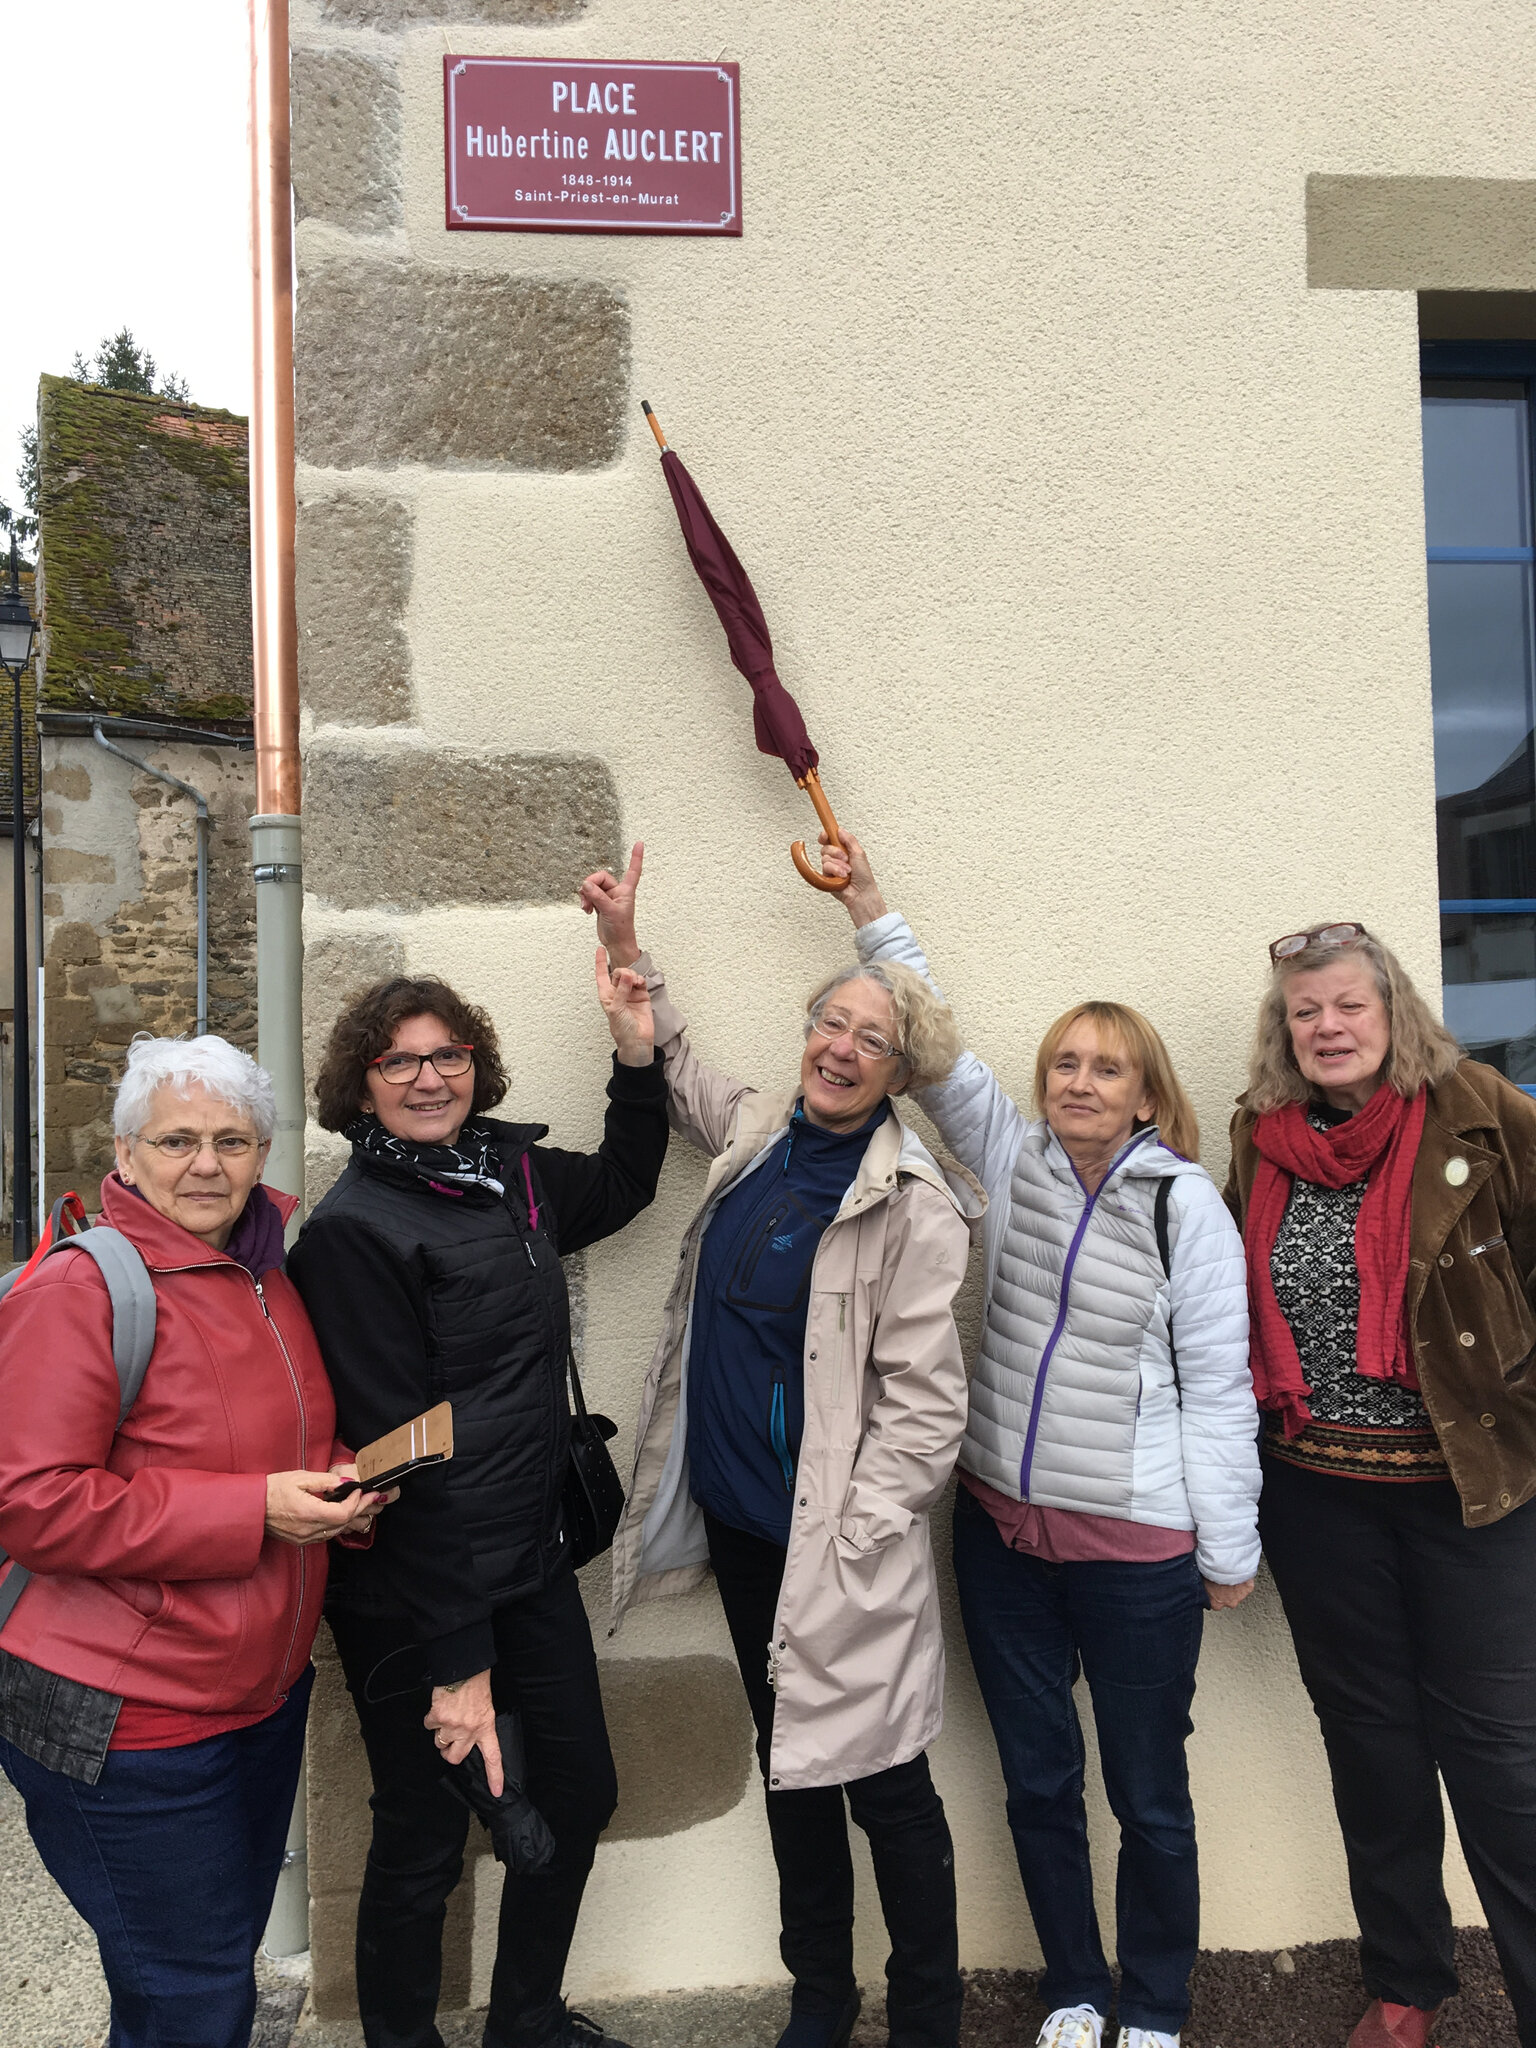 Bravo au Collectif Hubertine Auclert ! album photos, vidéo,articles, tweets, radio, intronisation à la Confrérie des Fins Palais